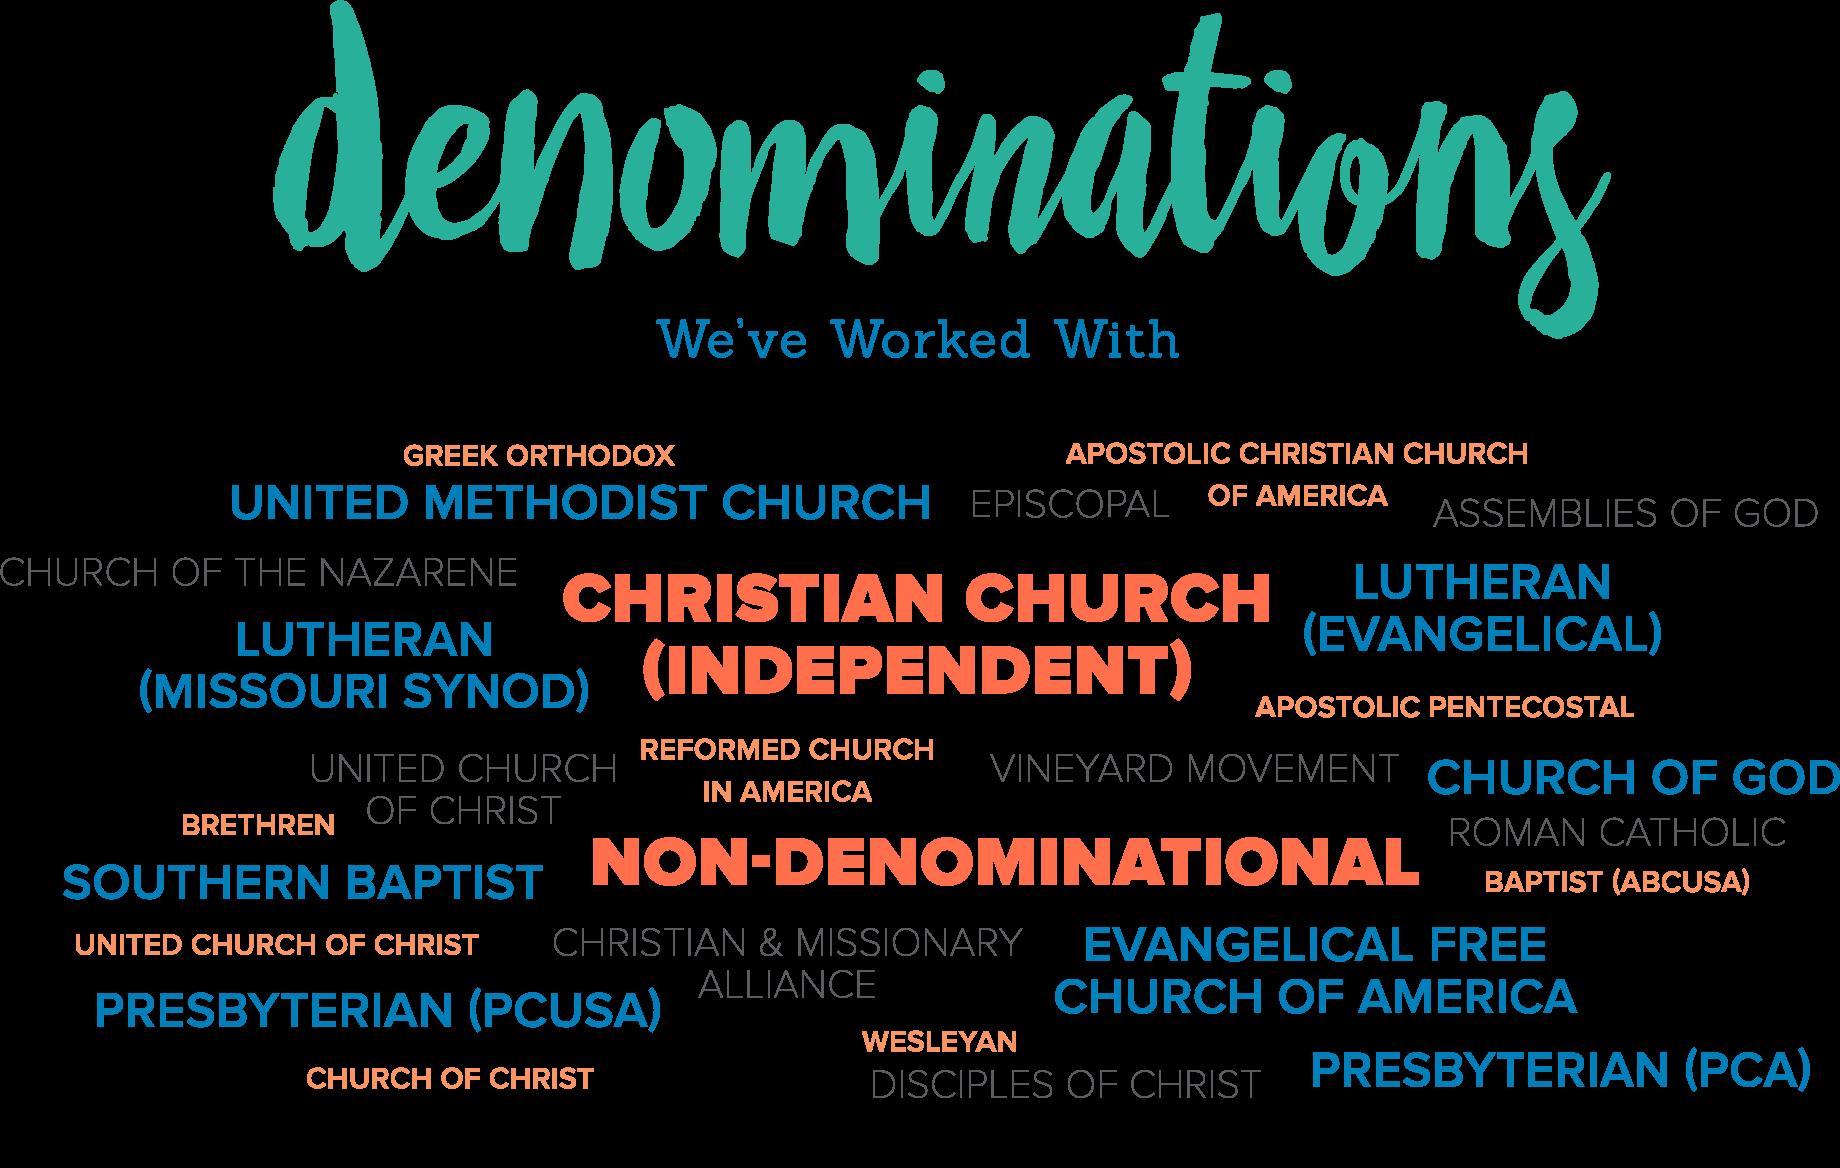 denominations-1